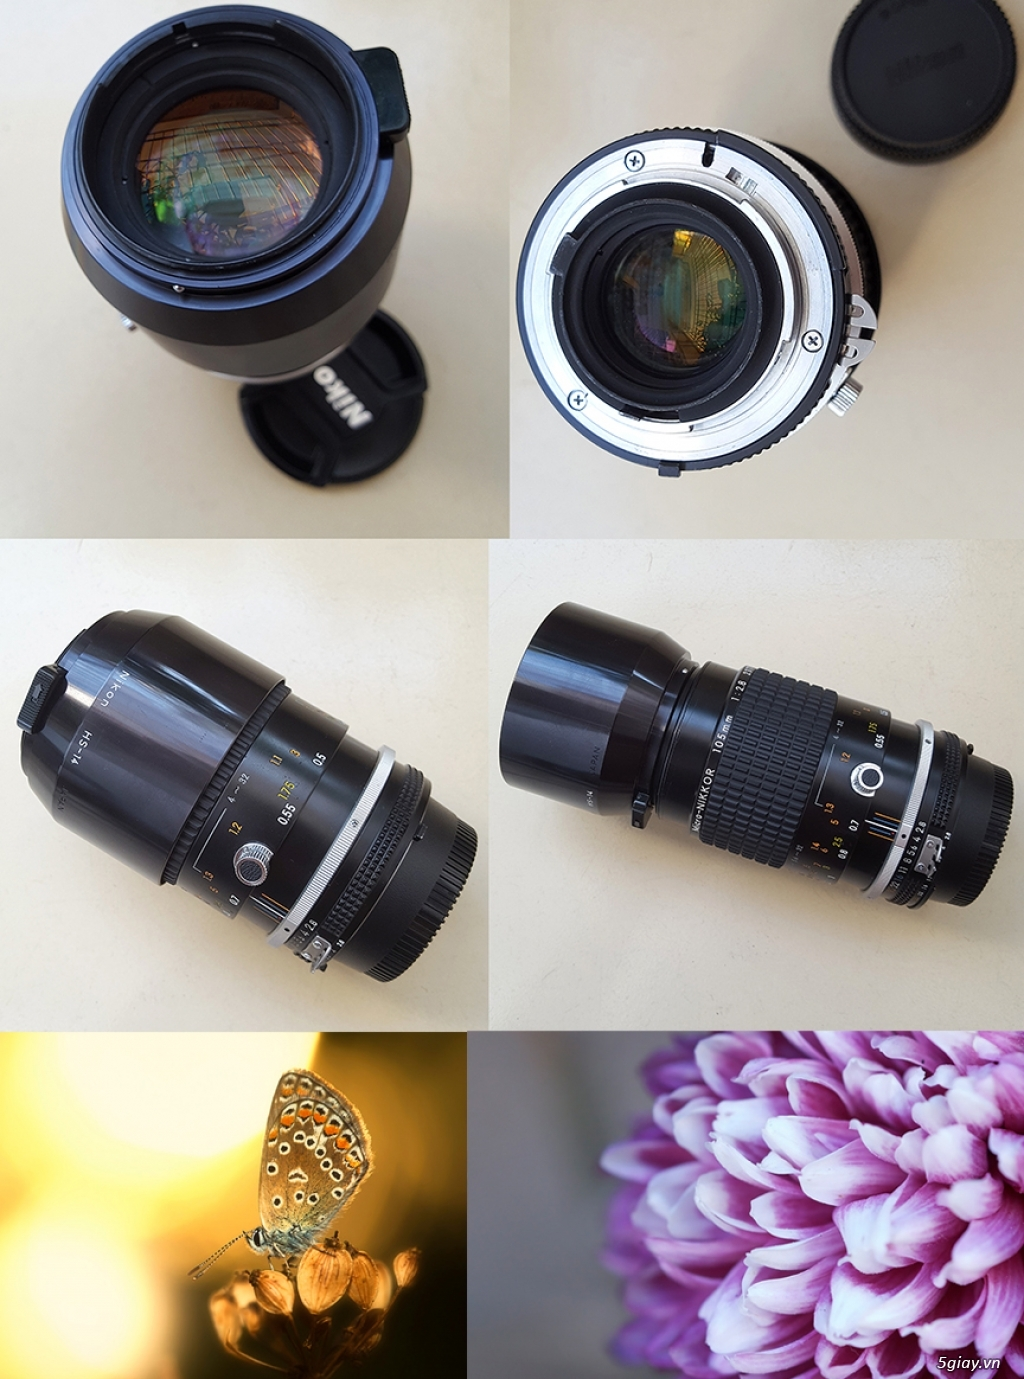 HCM-Bán lens Nikon 105/2.8 Macro AIS mới đẹp long lanh